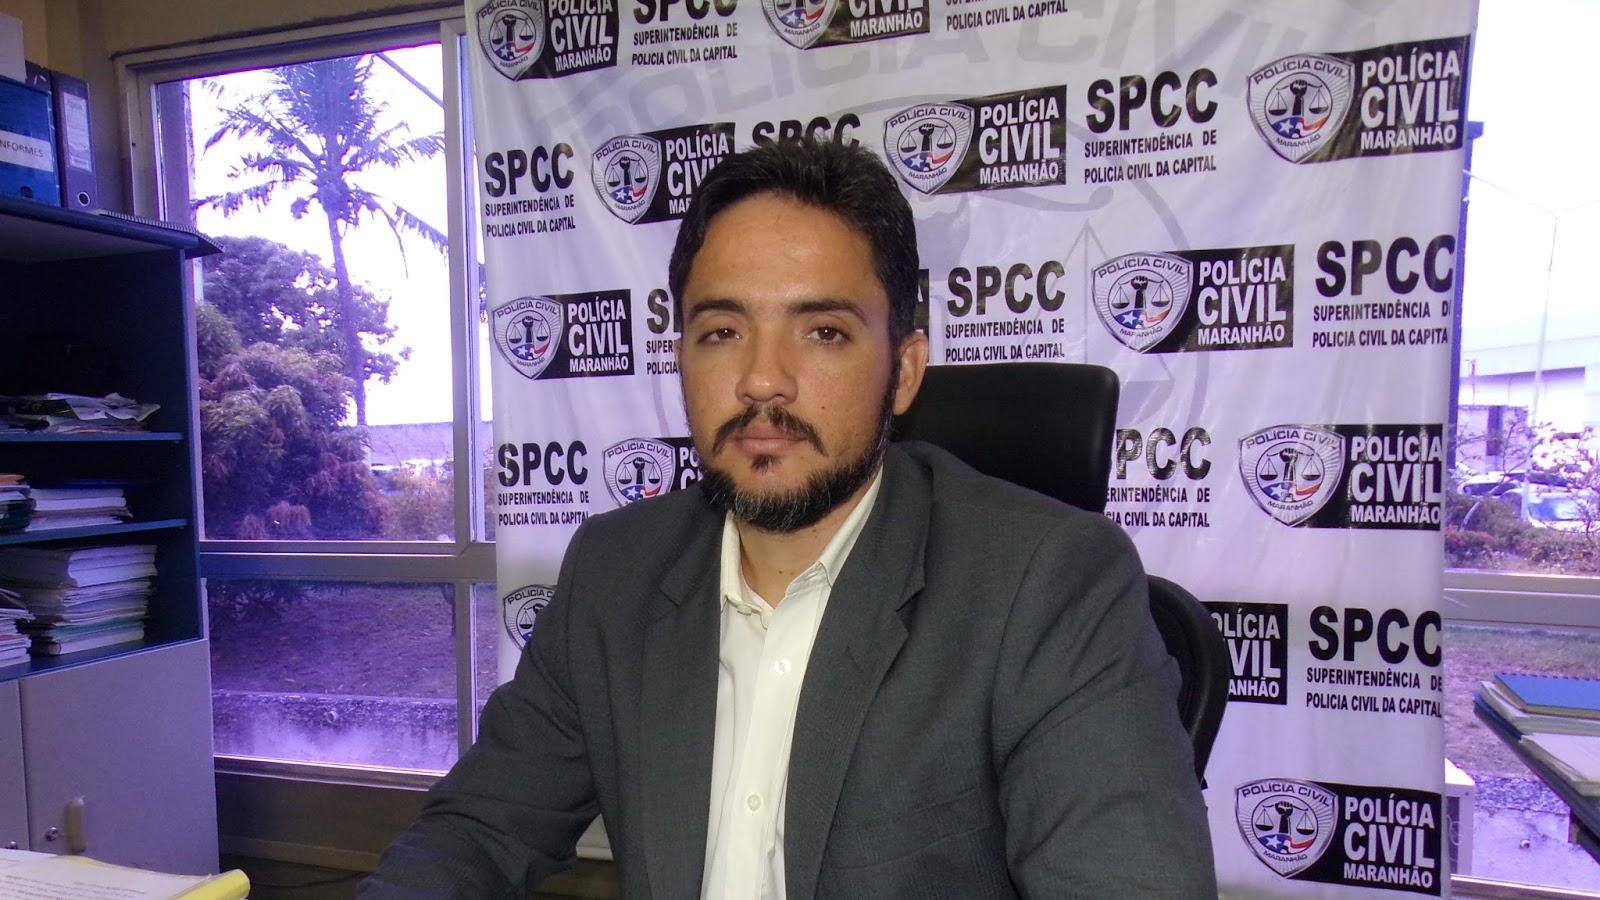 Superintendente de Polícia Civil da Capital, fala da redução no índice de assaltos a coletivos e roubos a residências em São Luís-MA